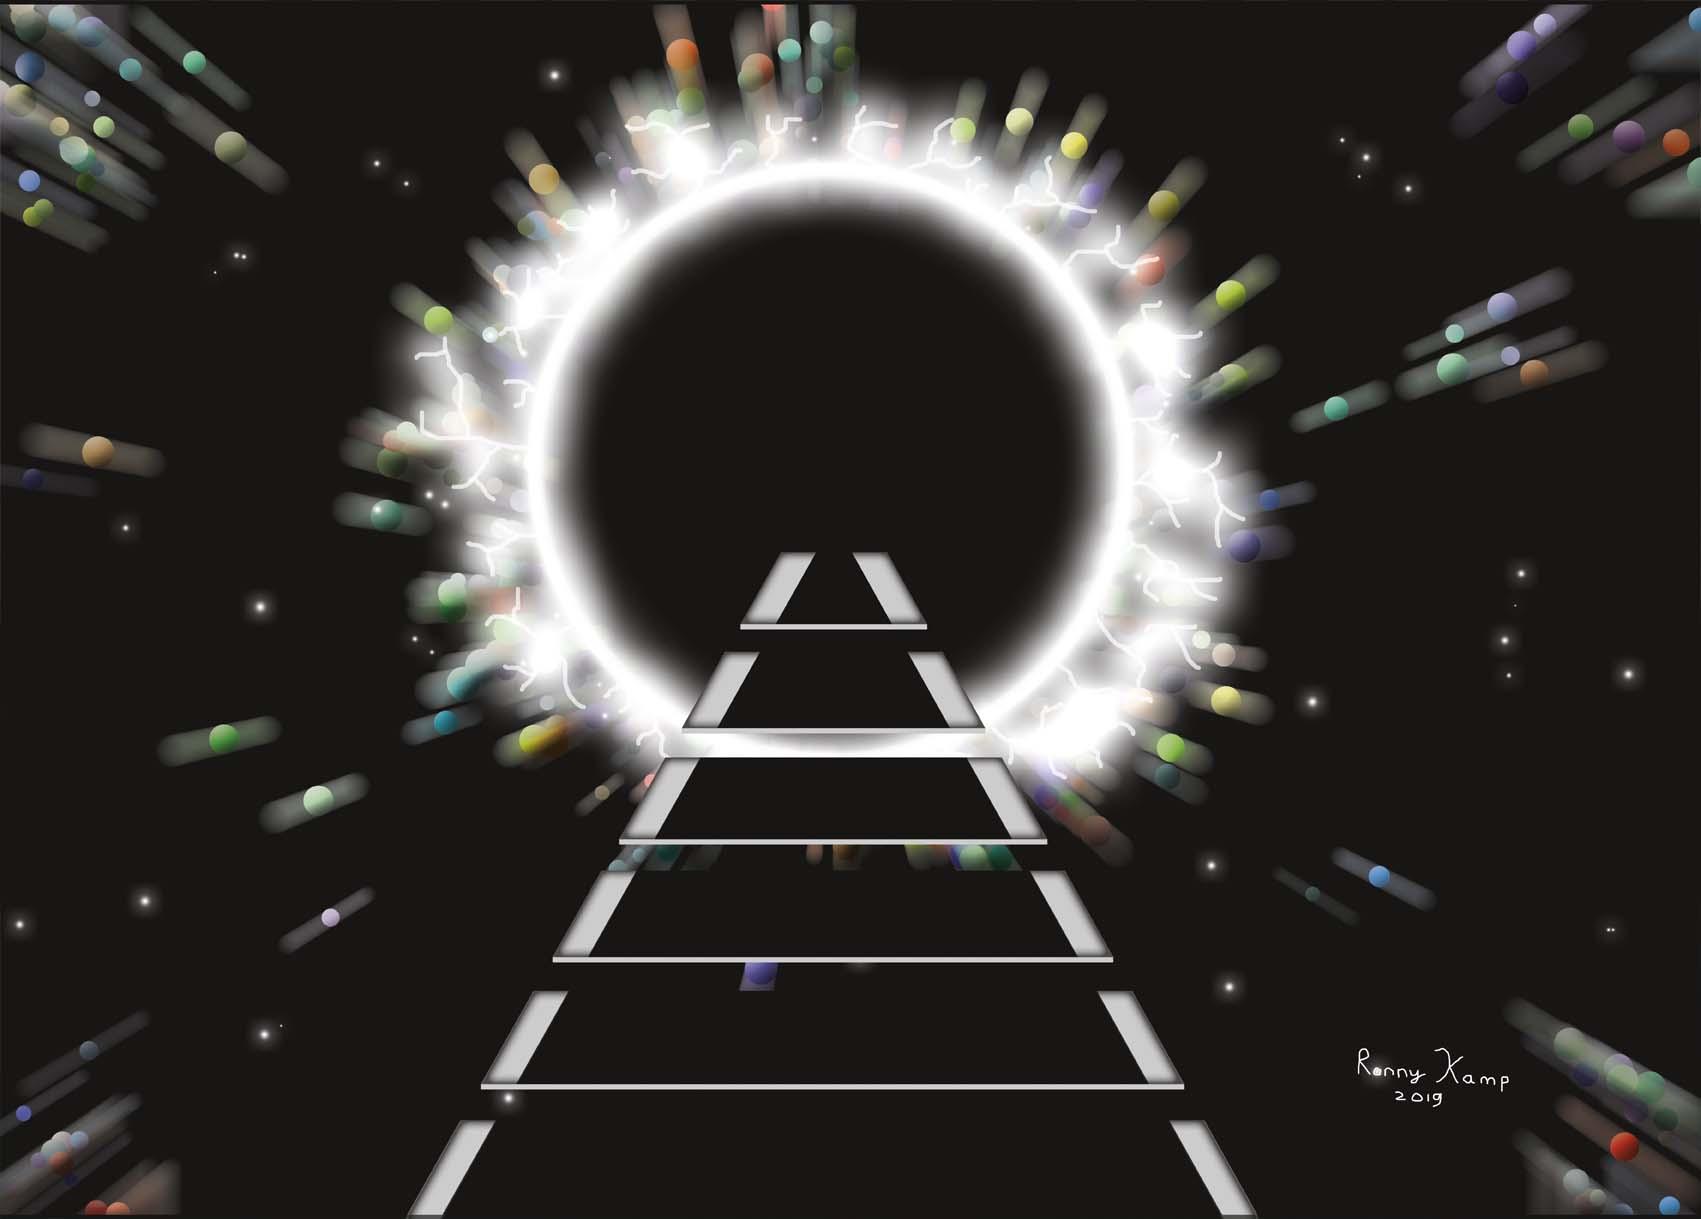 Stapstenen in de ruimte richting een portaal of zwart gat. Waar leidt dit naartoe of komt er juist iets uit deze mysterieuze zwarte cirkel in de ruimte.